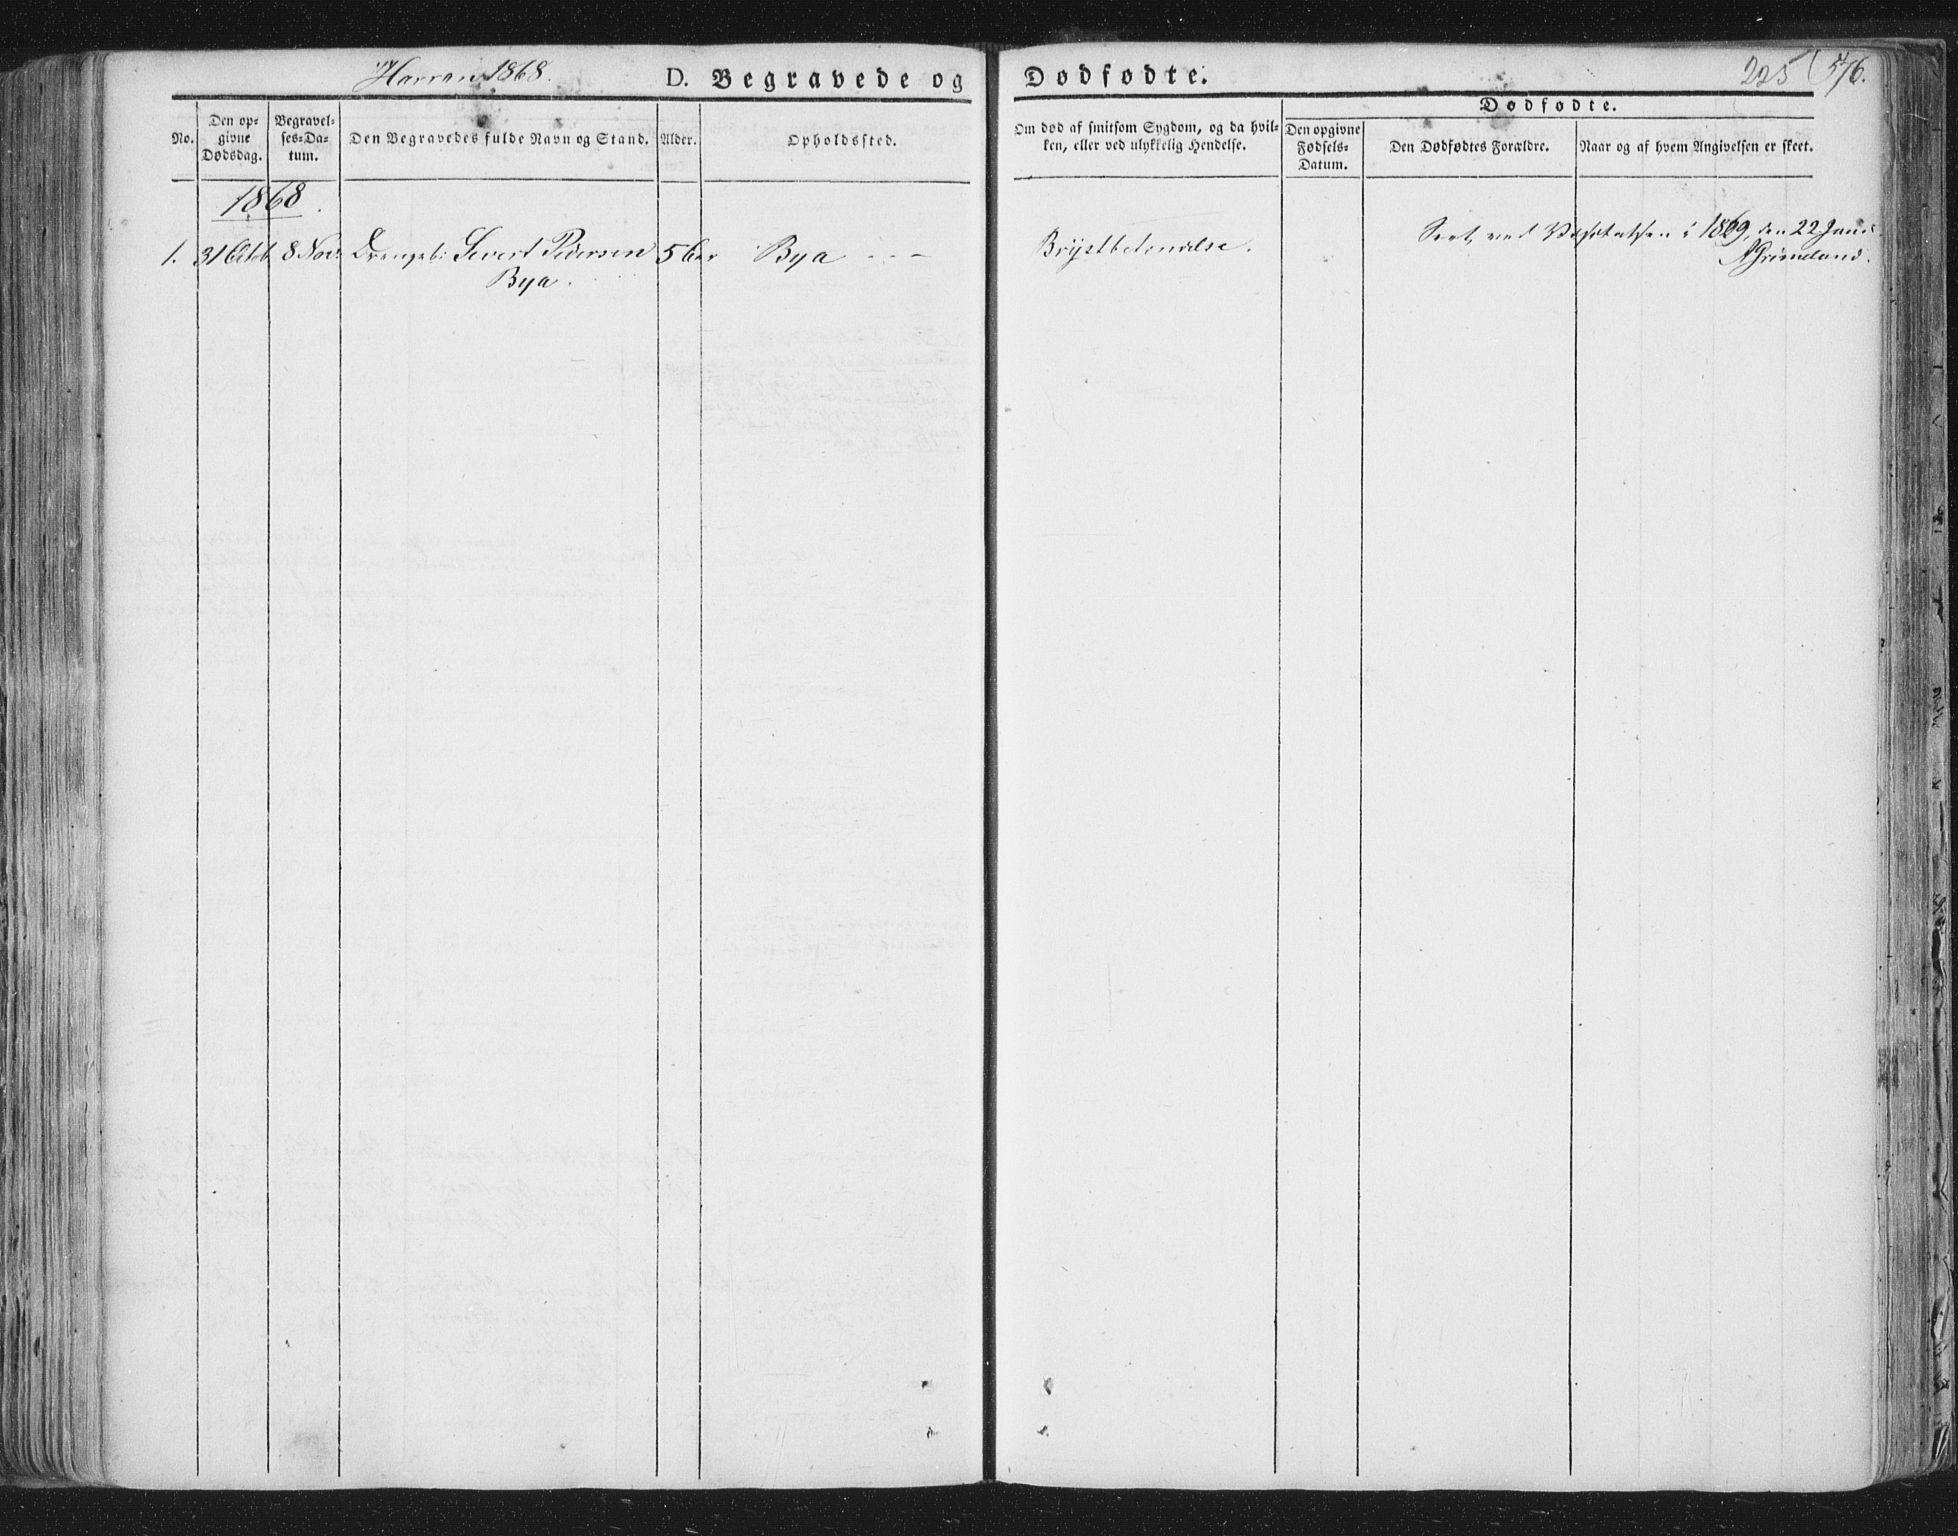 SAT, Ministerialprotokoller, klokkerbøker og fødselsregistre - Nord-Trøndelag, 758/L0513: Ministerialbok nr. 758A02 /3, 1839-1868, s. 225